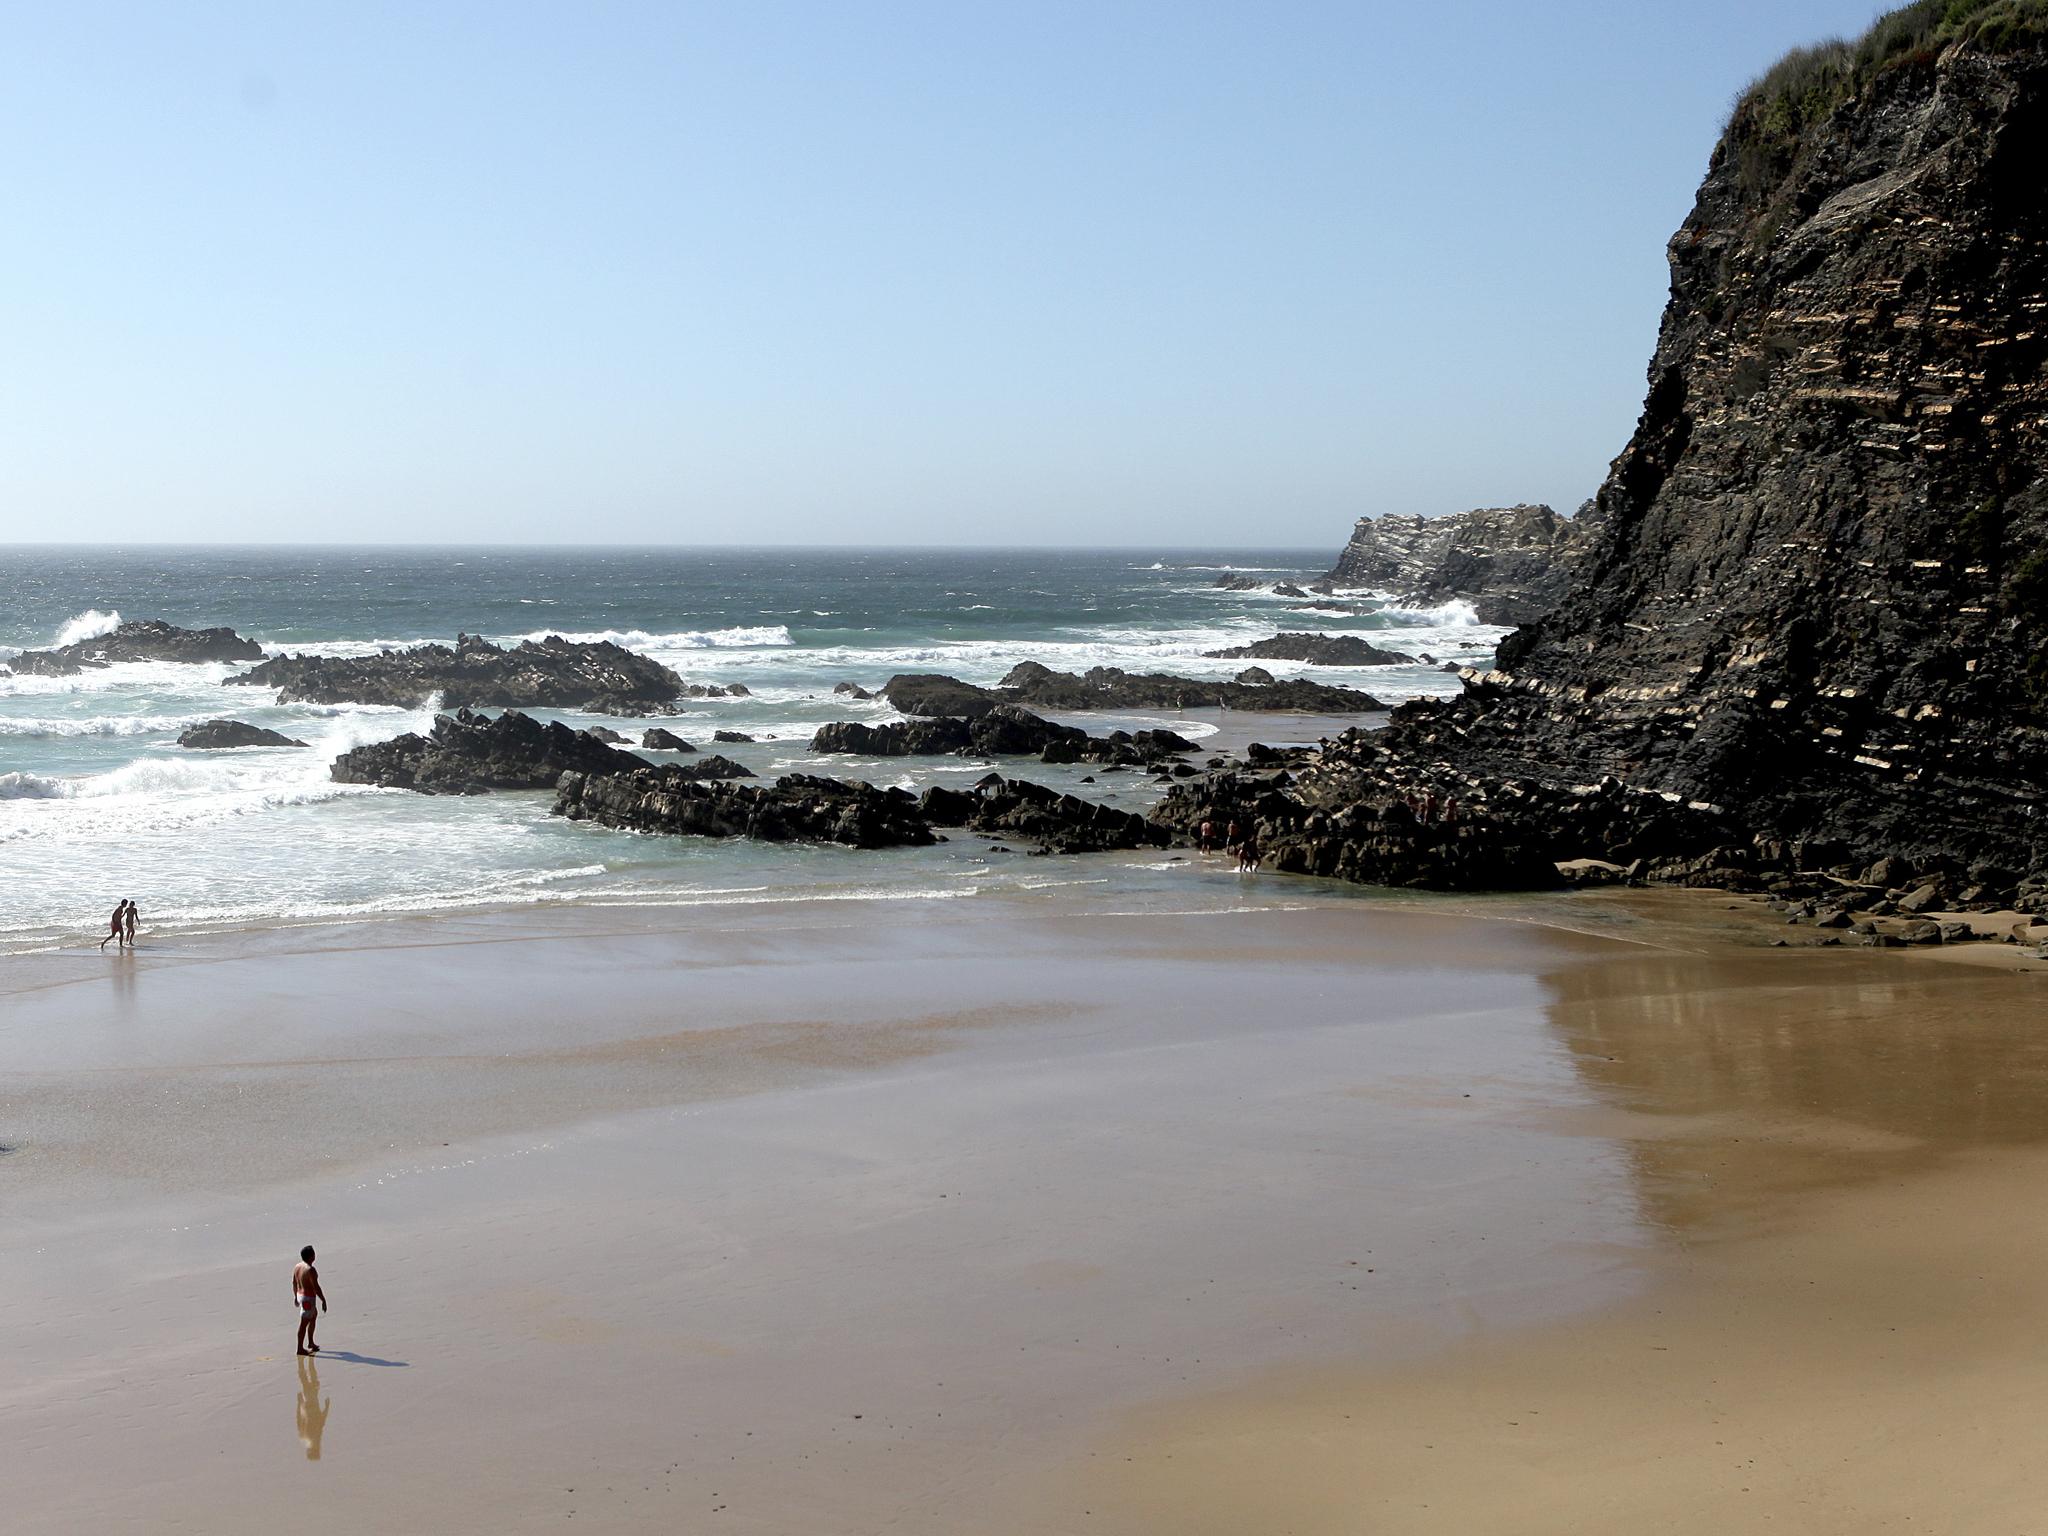 praia da pedra da bica